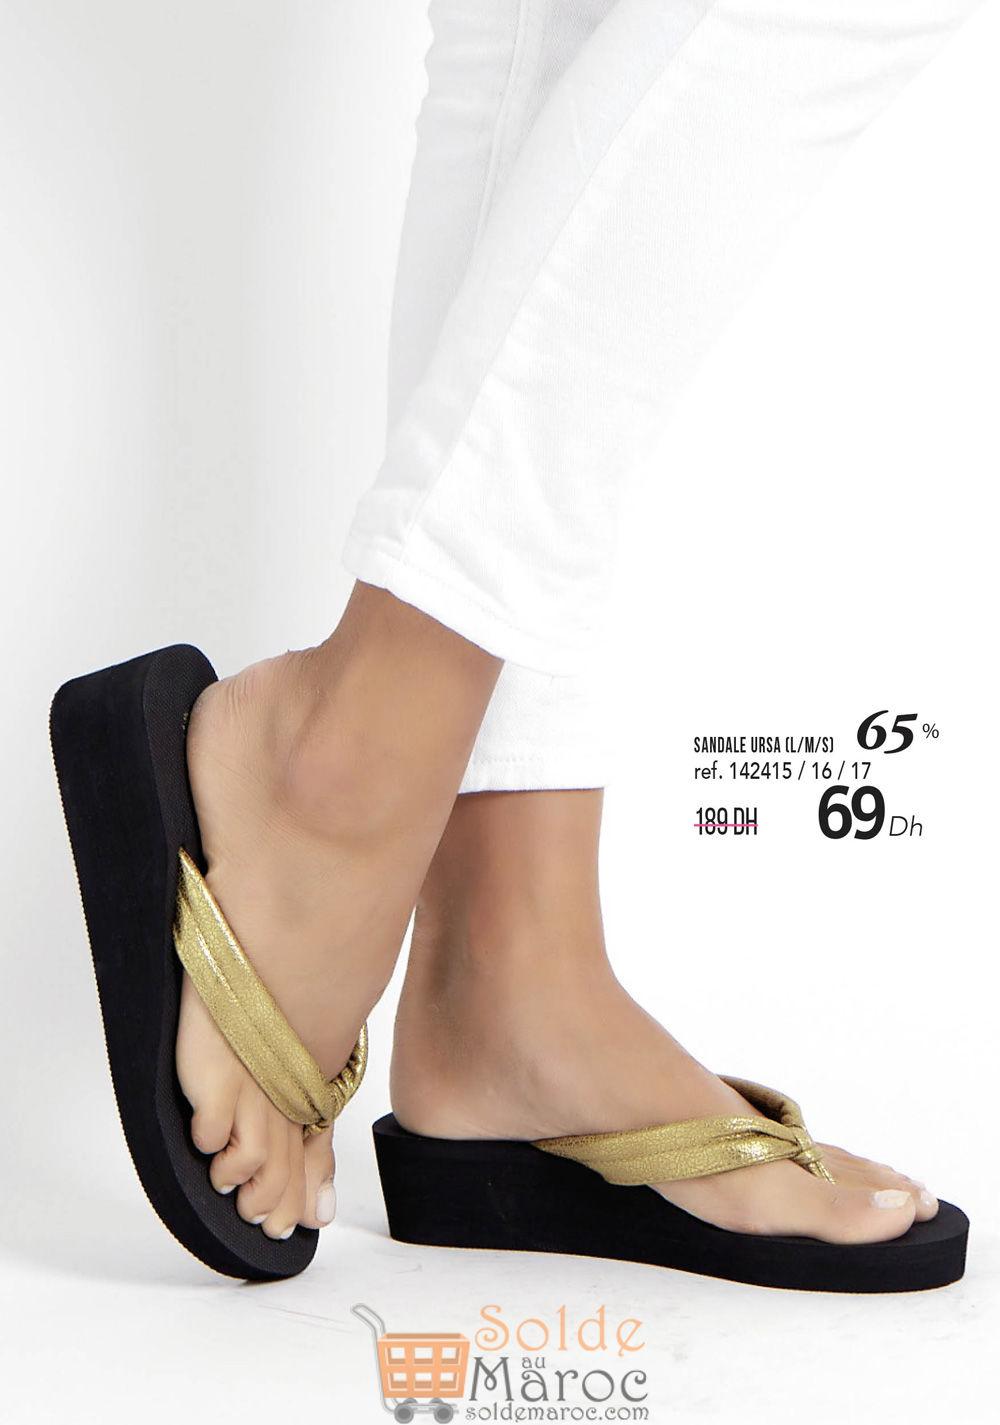 Catalogue Sophie Paris Maroc Spéciale promo chaussures à partir du 11 Juillet 2018